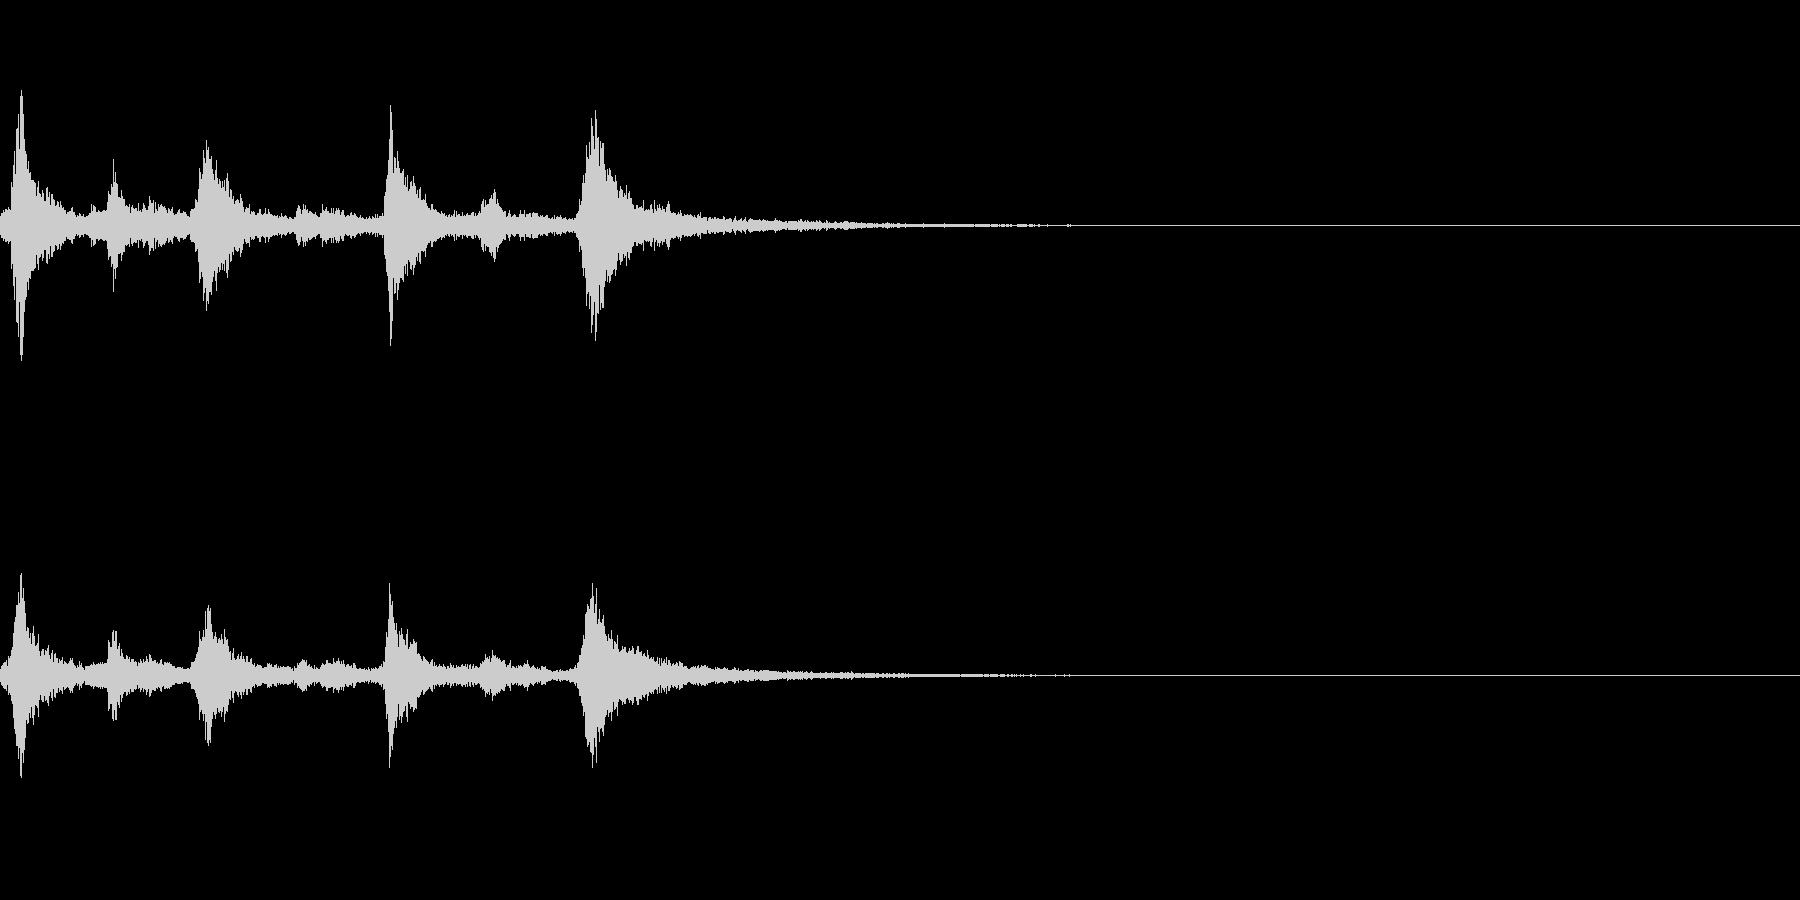 クリスマスのベル、鈴の効果音 ロゴ08の未再生の波形